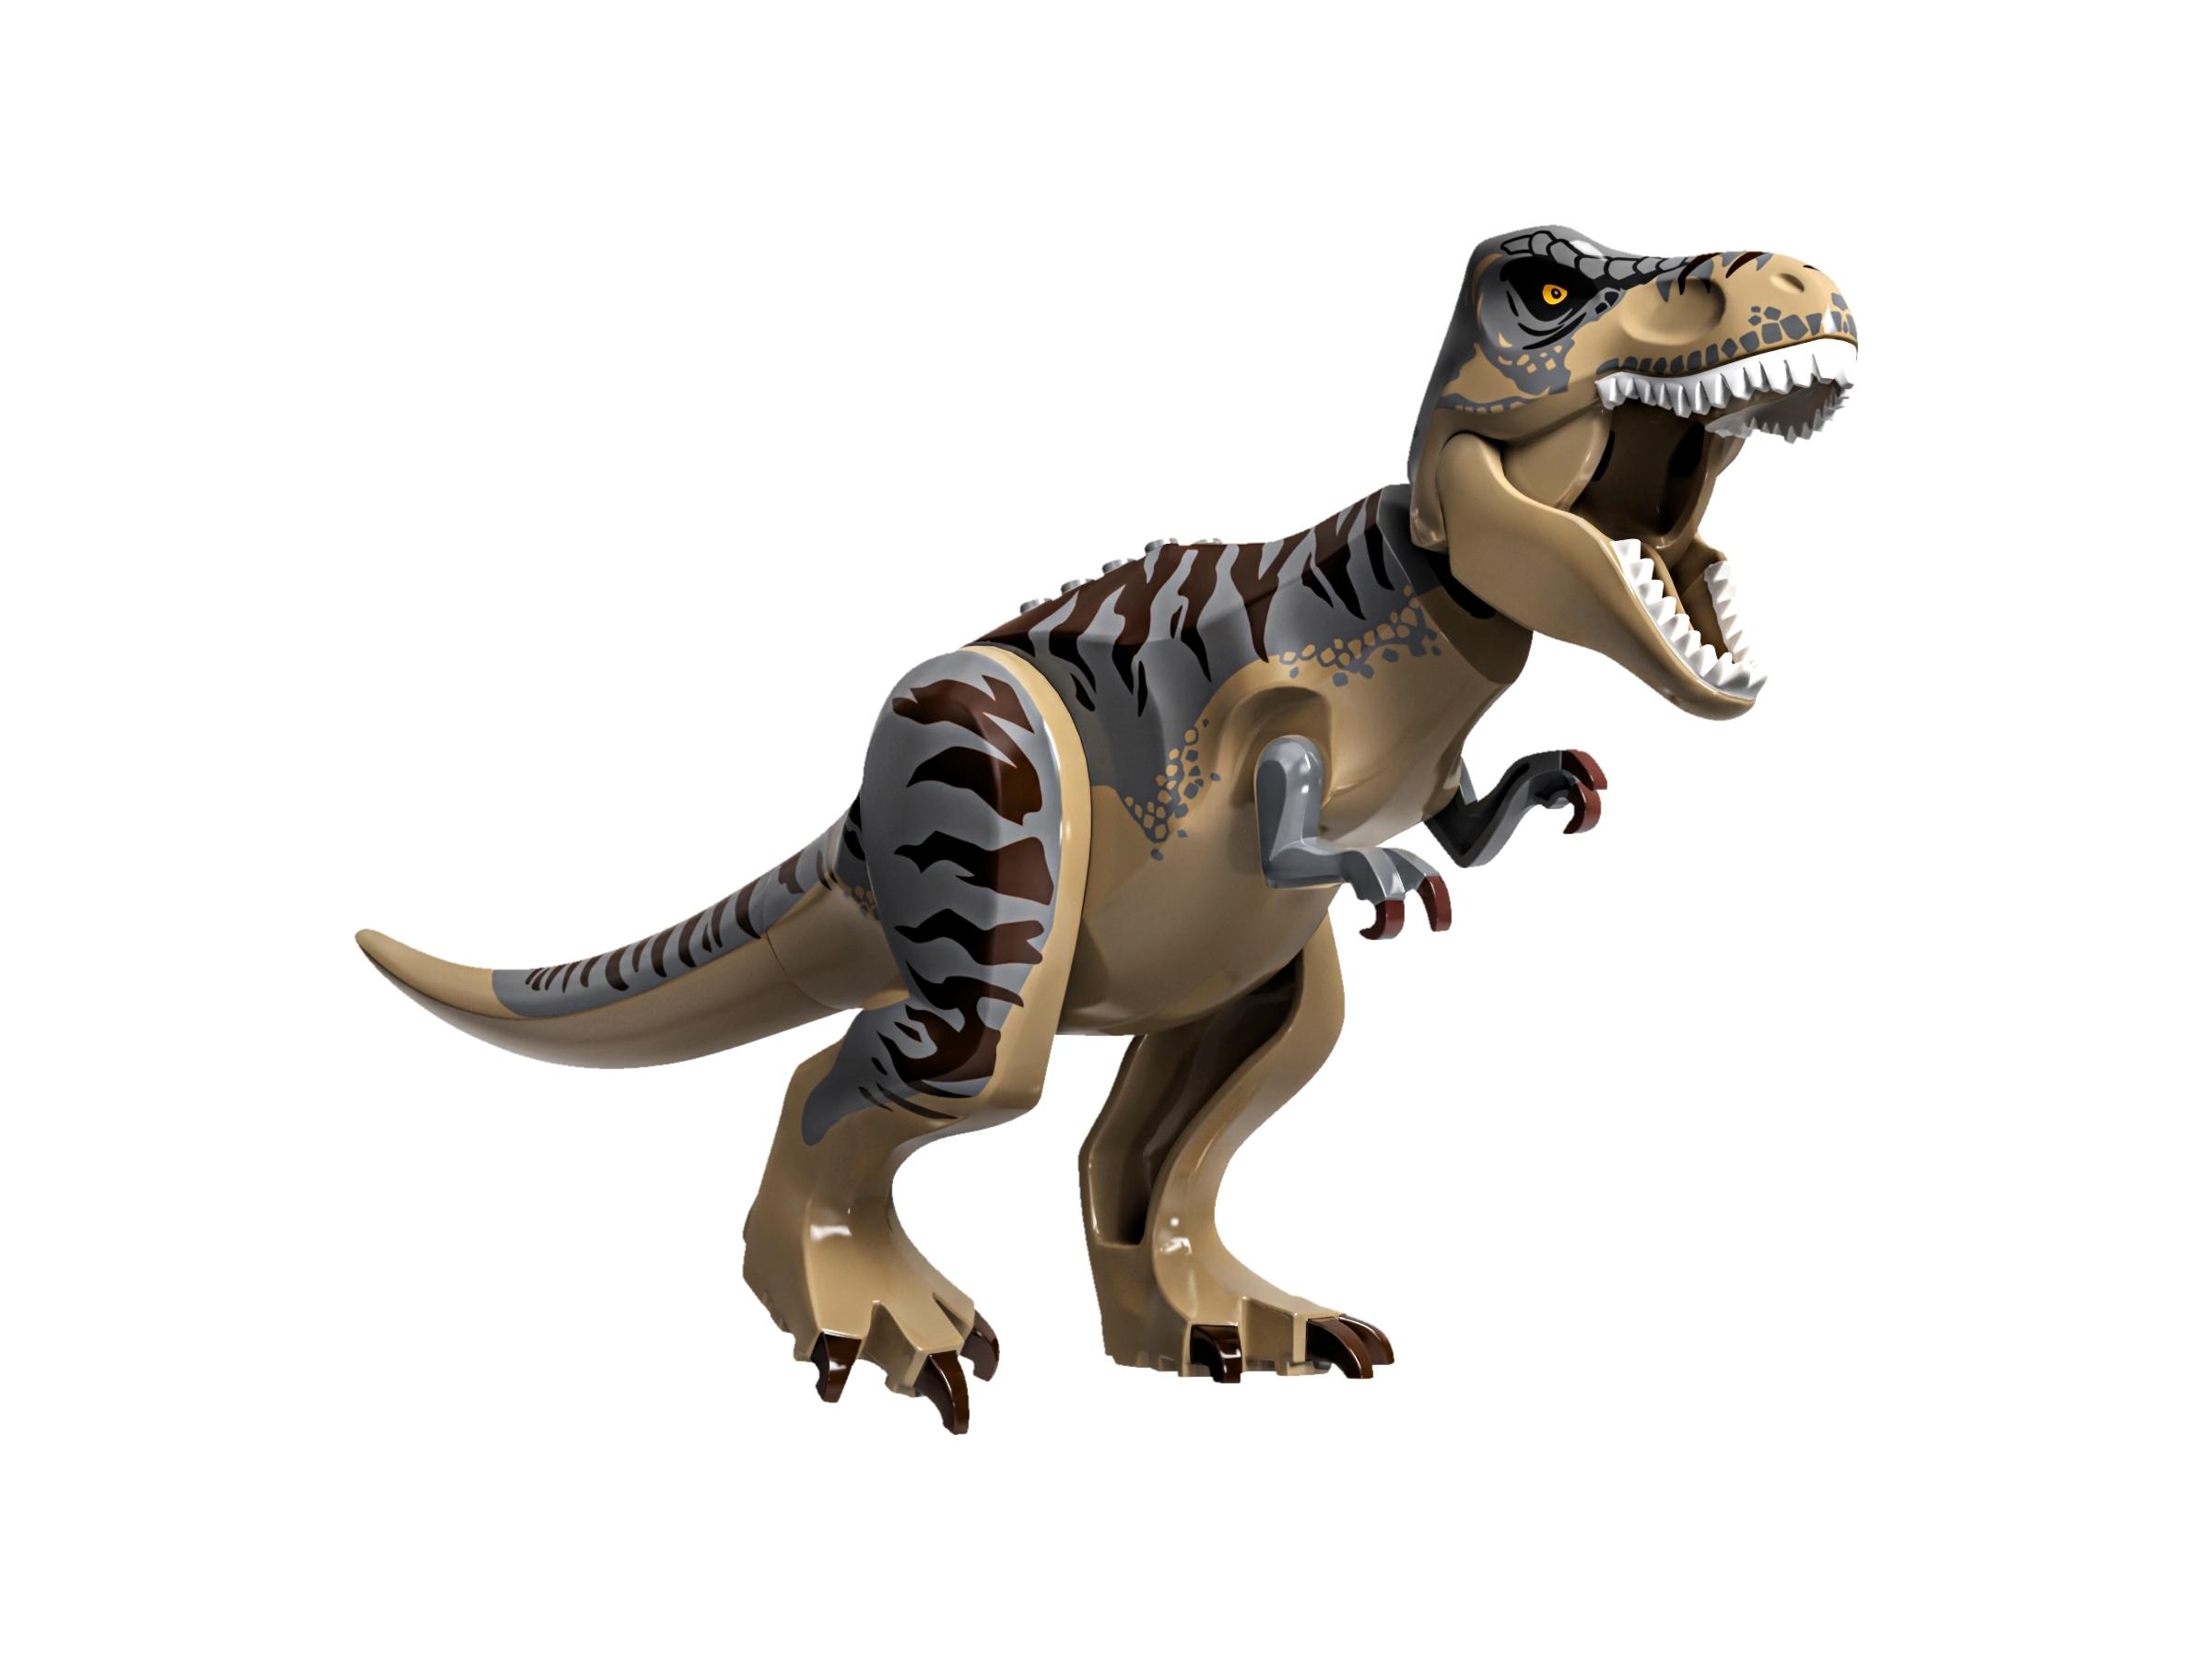 T Rex Vs Dino Mech Battle 75938 Jurassic World Buy Online At The Official Lego Shop Us En nuestra tienda de dinosaurios lego podrás encontrar los juguetes de una de las mejores marcas. t rex vs dino mech battle